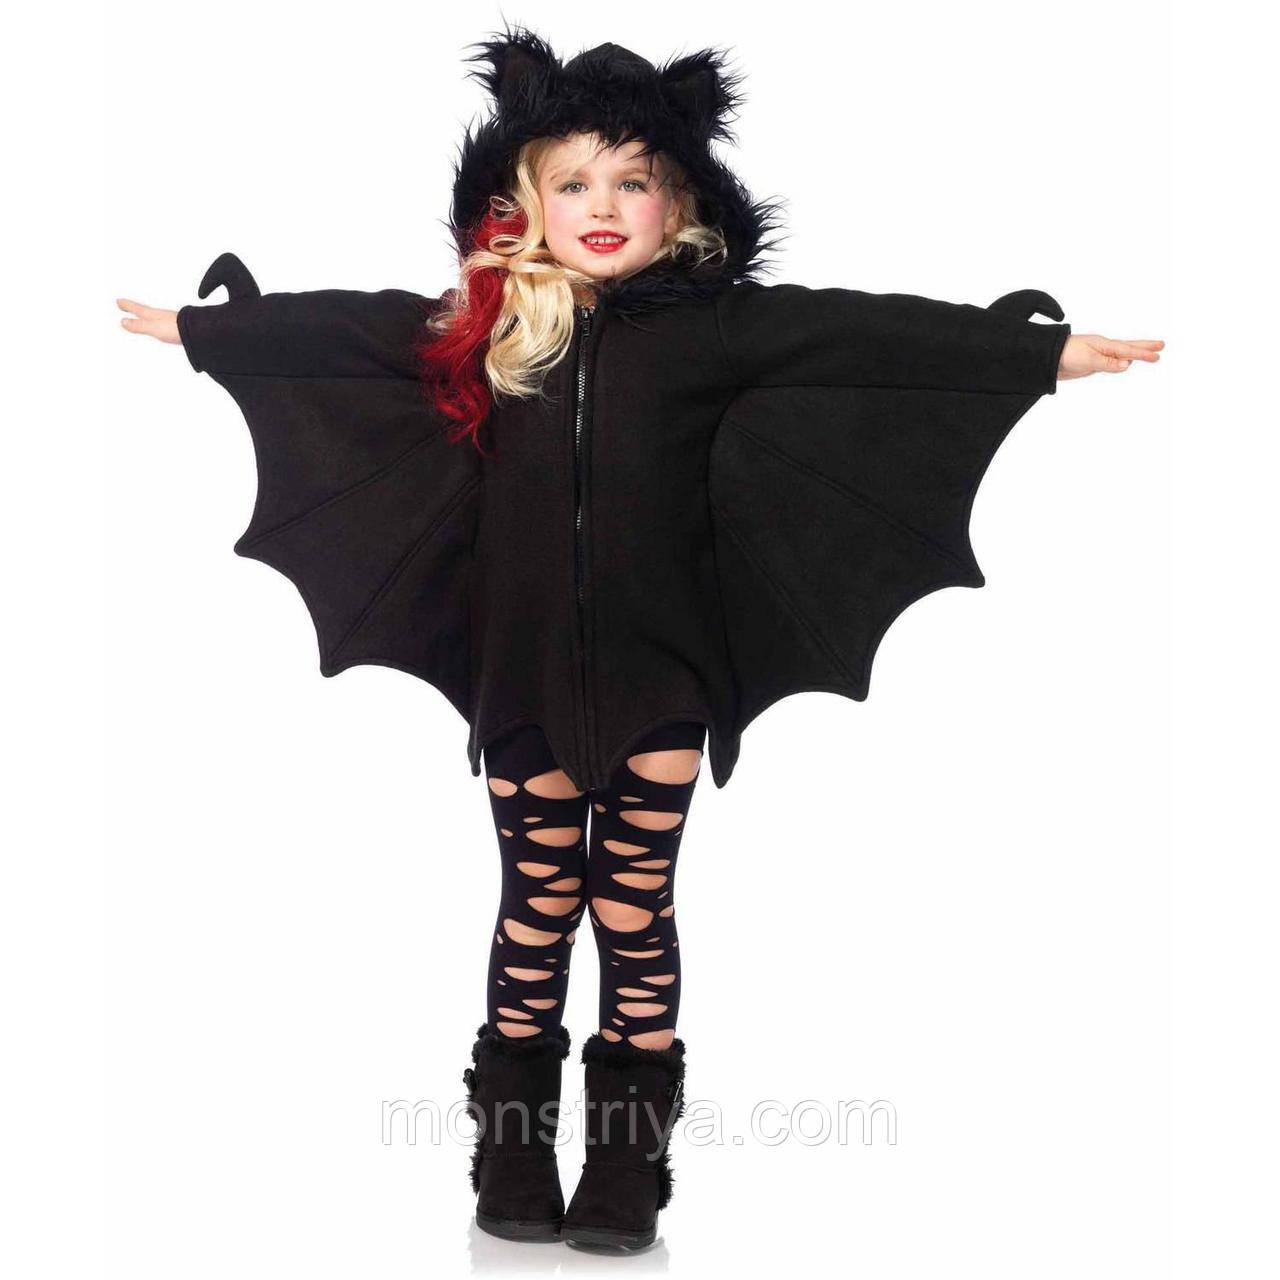 dccfade3509 Детский Карнавальный костюм Летучей мышки Хэллоуин  продажа